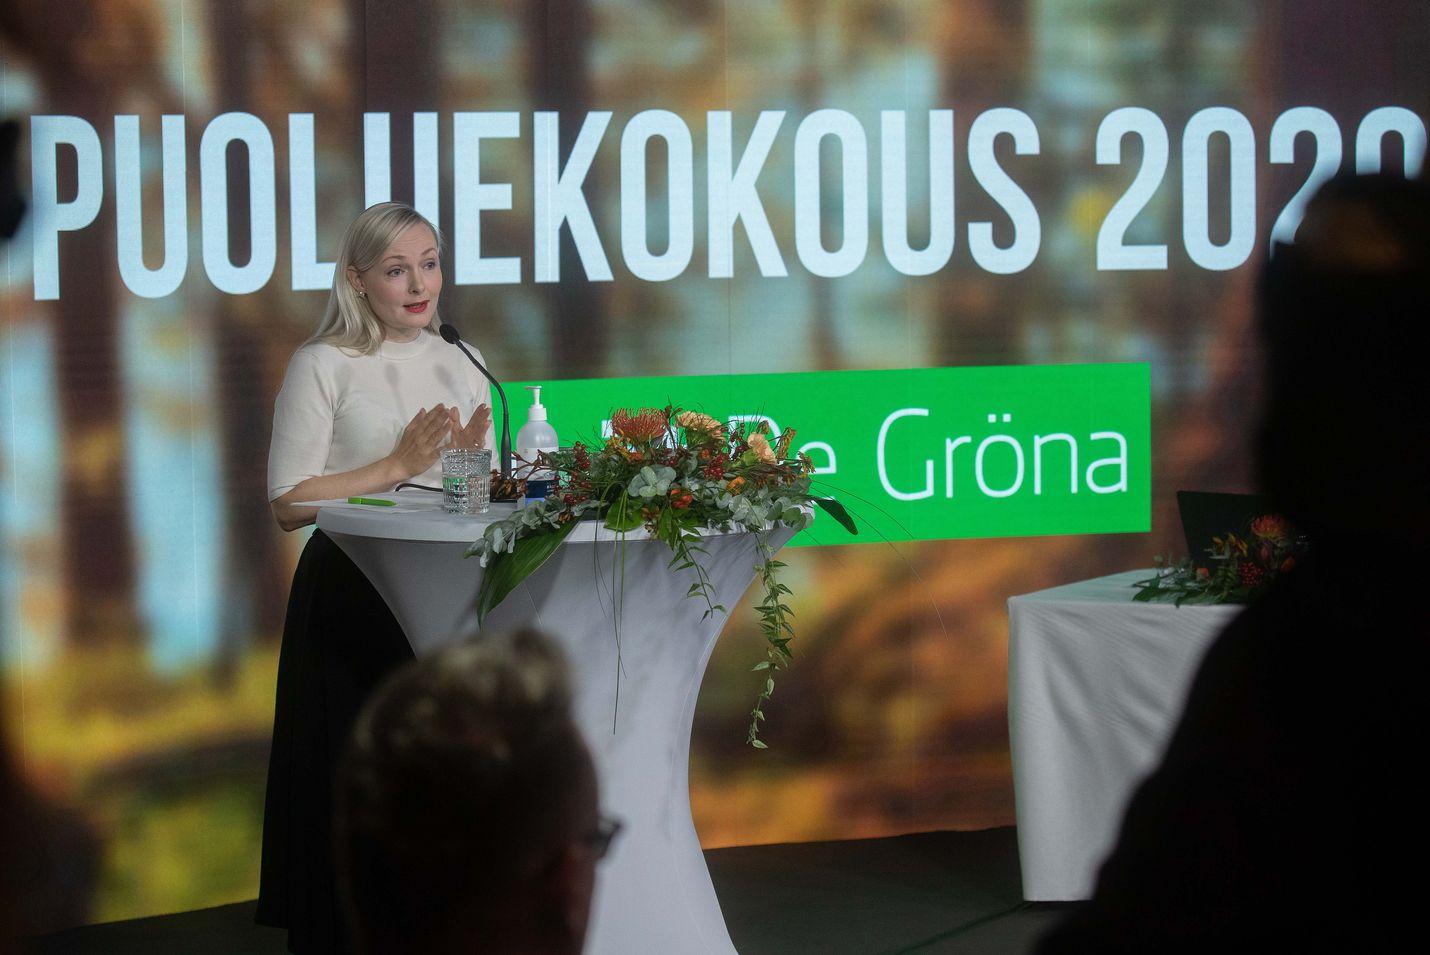 Maria Ohisalon johtamat vihreät ovat pitäneet puoluekokousta viikonlopun aikana pääosin etäyhteyksillä. Näkyvyyttä saaneen kannabislinjauksen sijaan puolue pitää kokouksensa tärkeimpänä asiana uutta periaateohjelmaa.